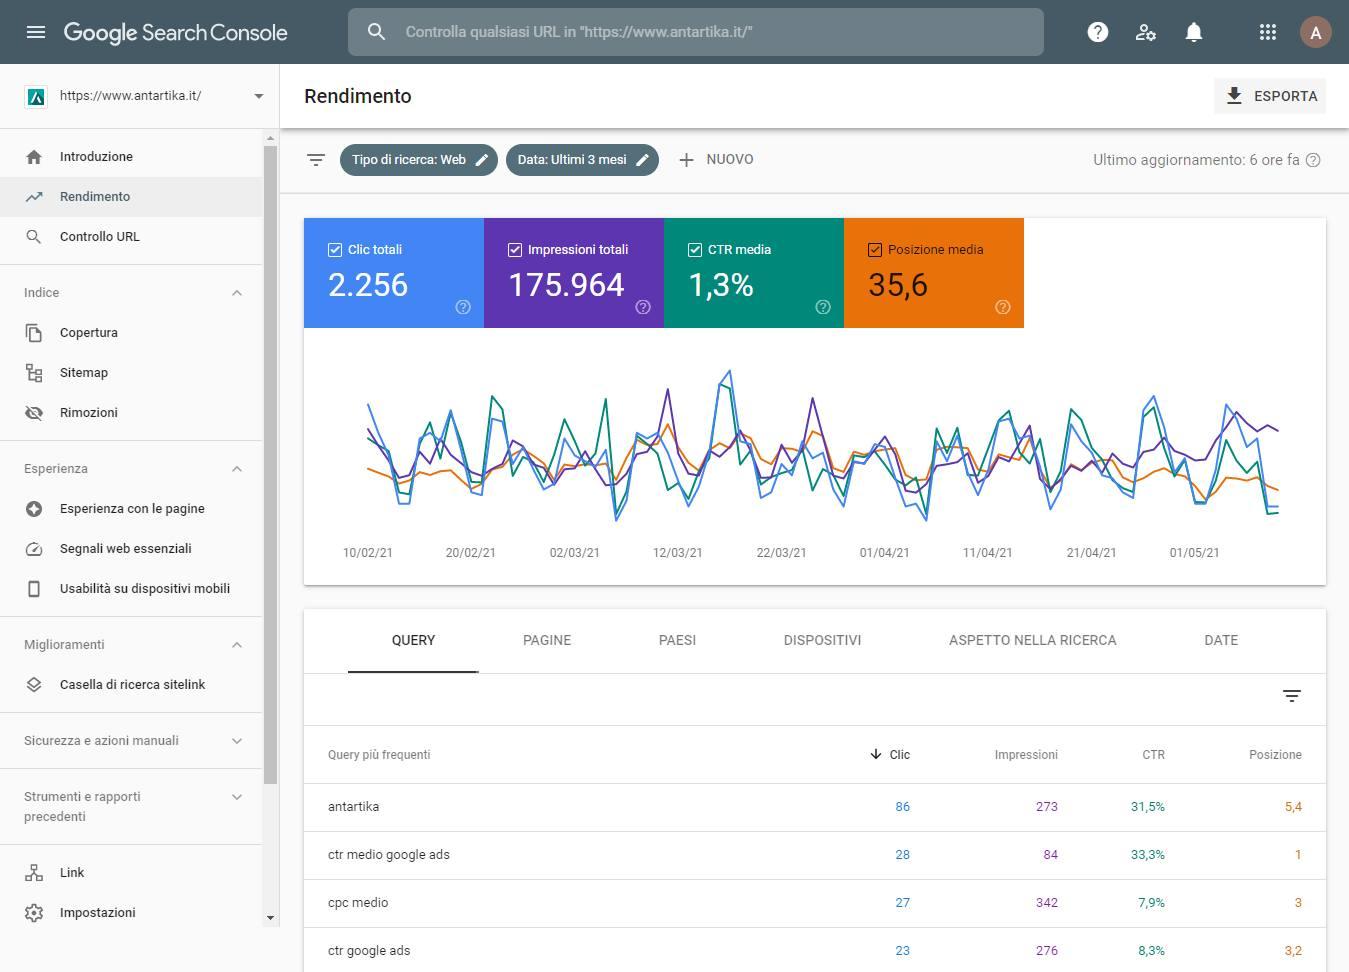 report rendimento google search console